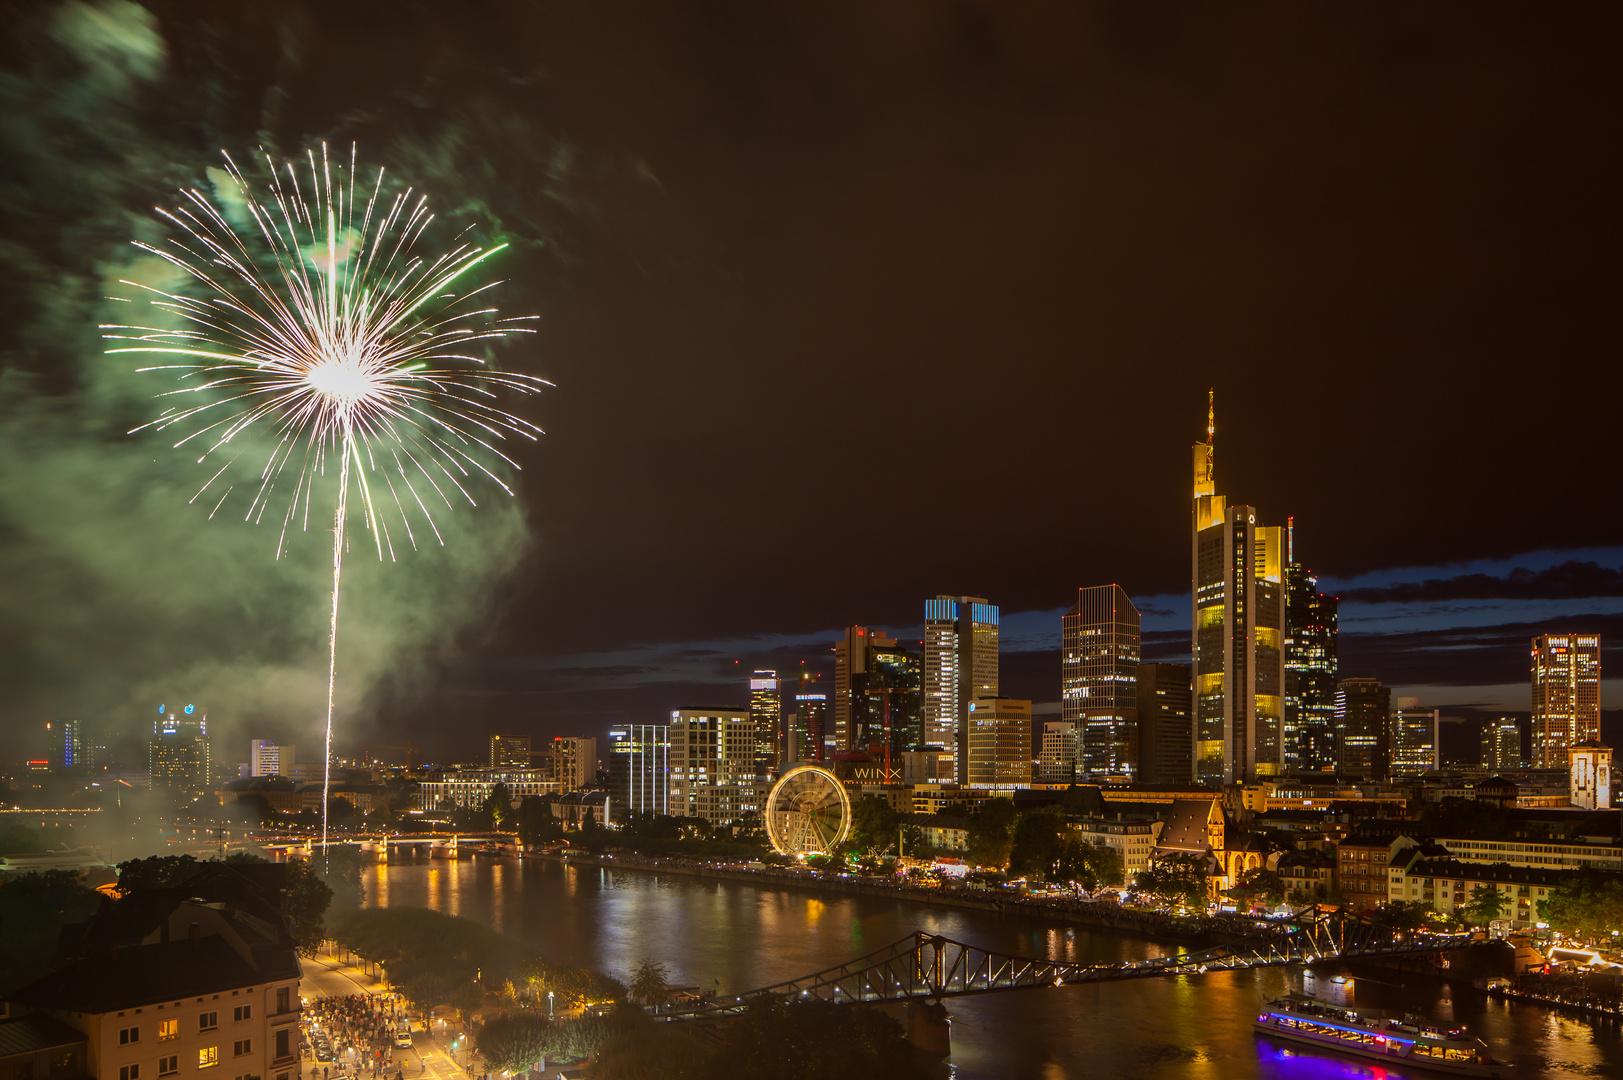 Mainfest-Feuerwerk